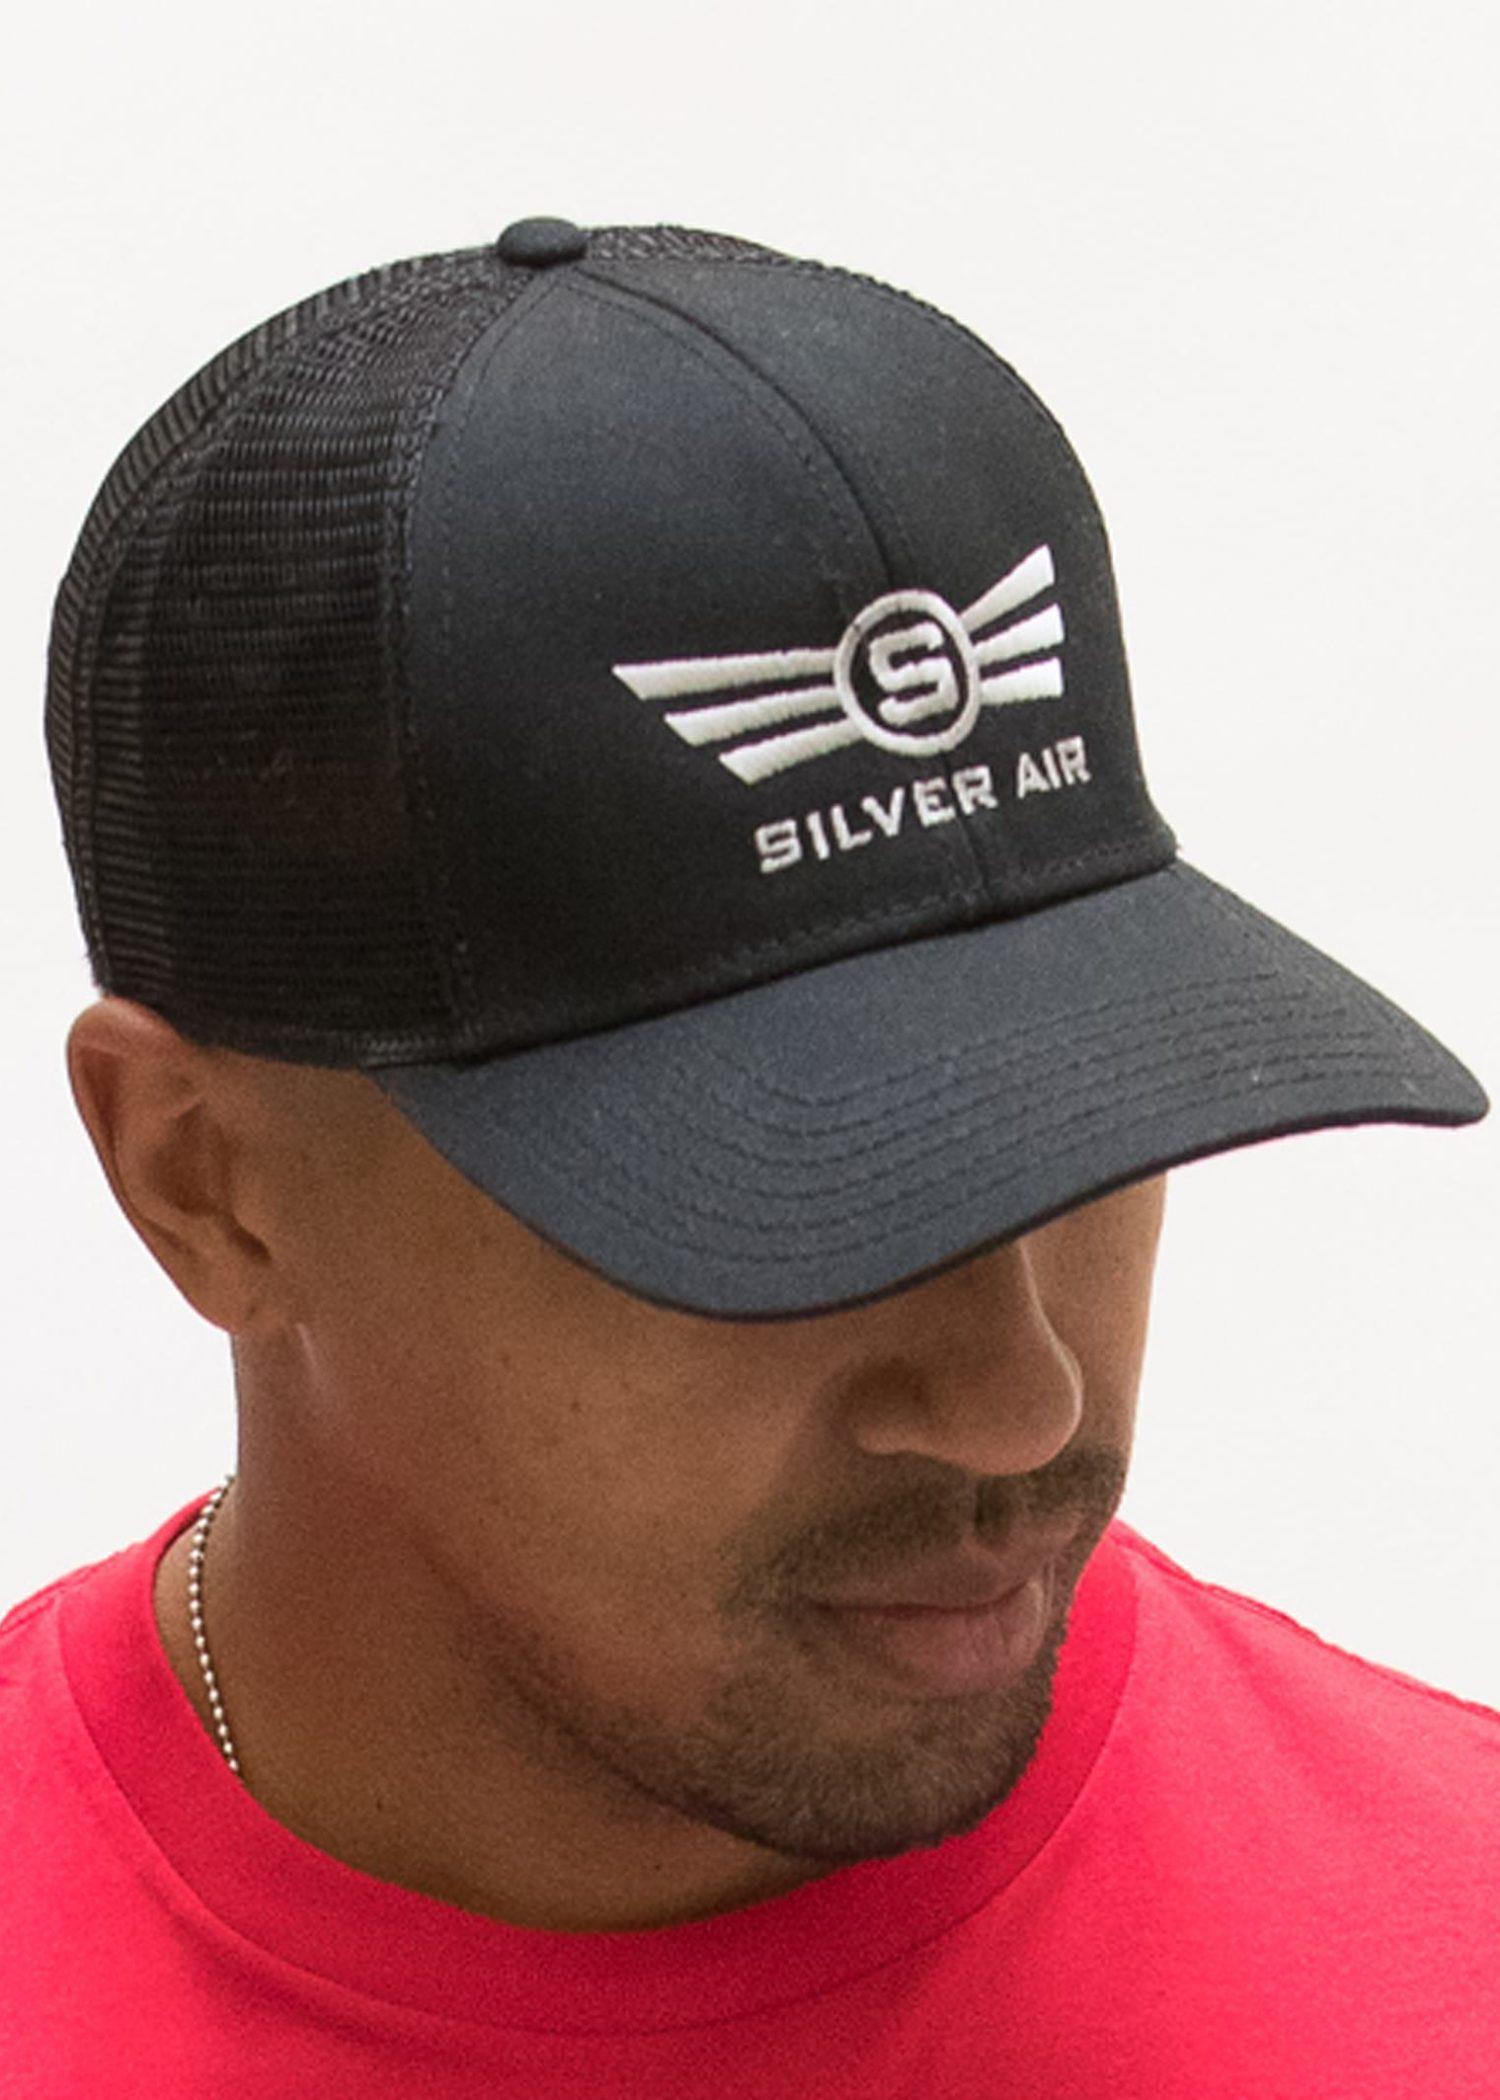 Silver Air Mesh Trucker Hat